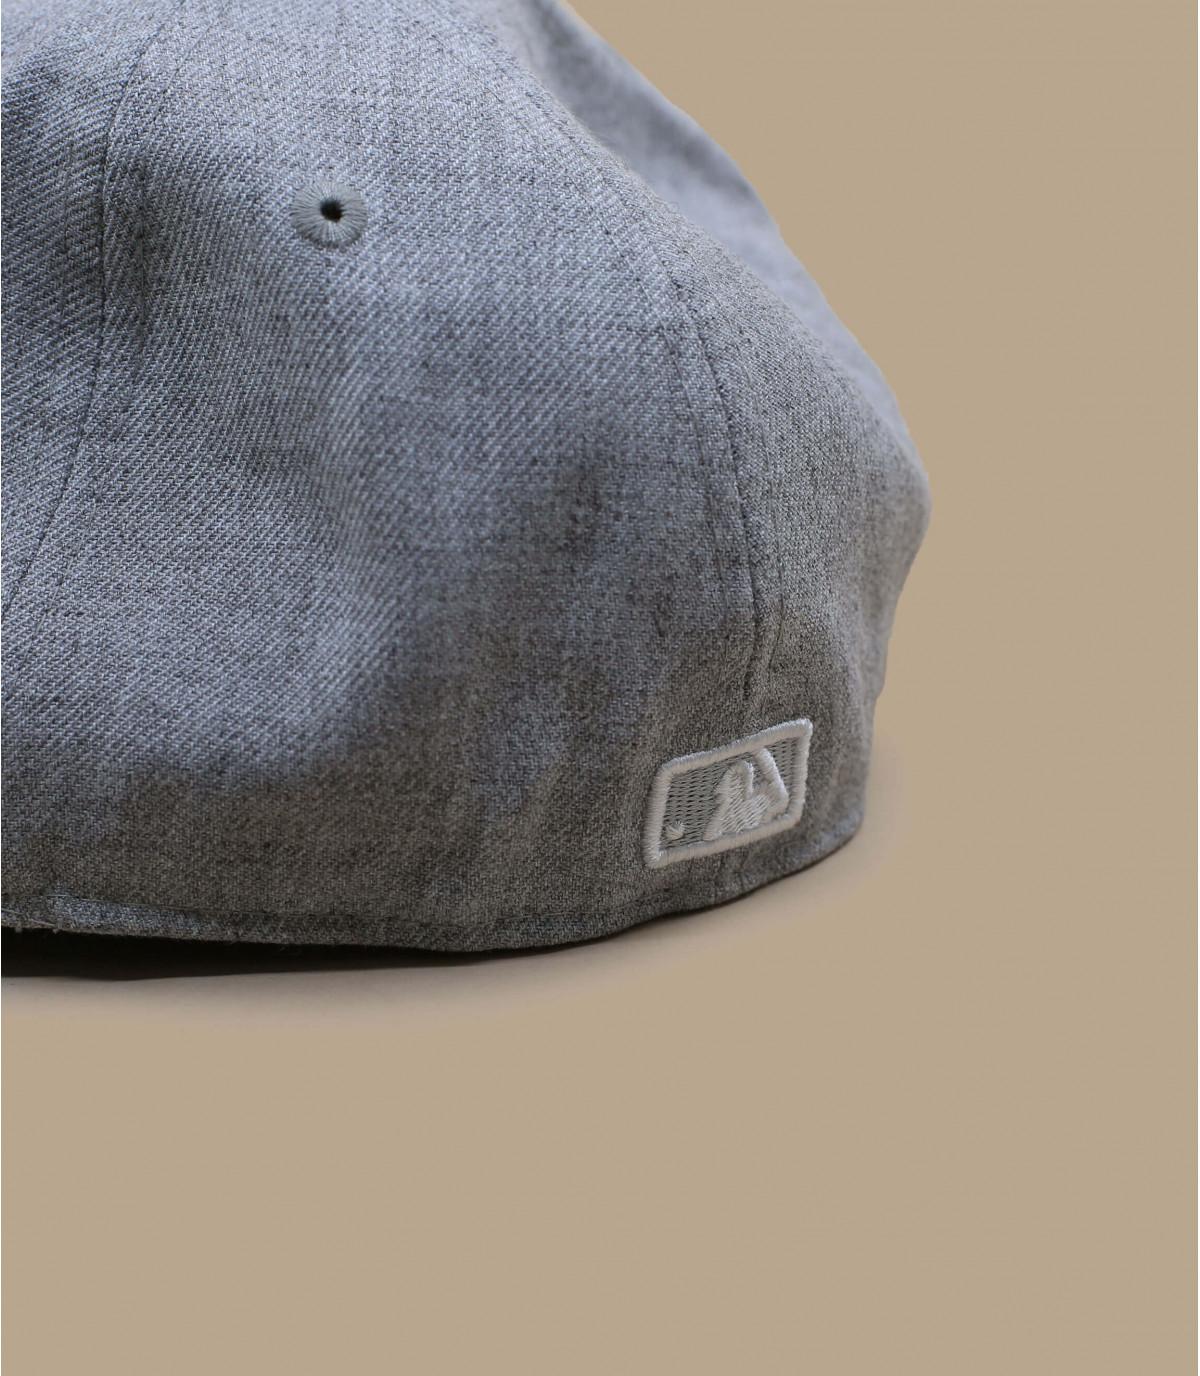 Détails Casquette NY 59fifty gris clair - image 4